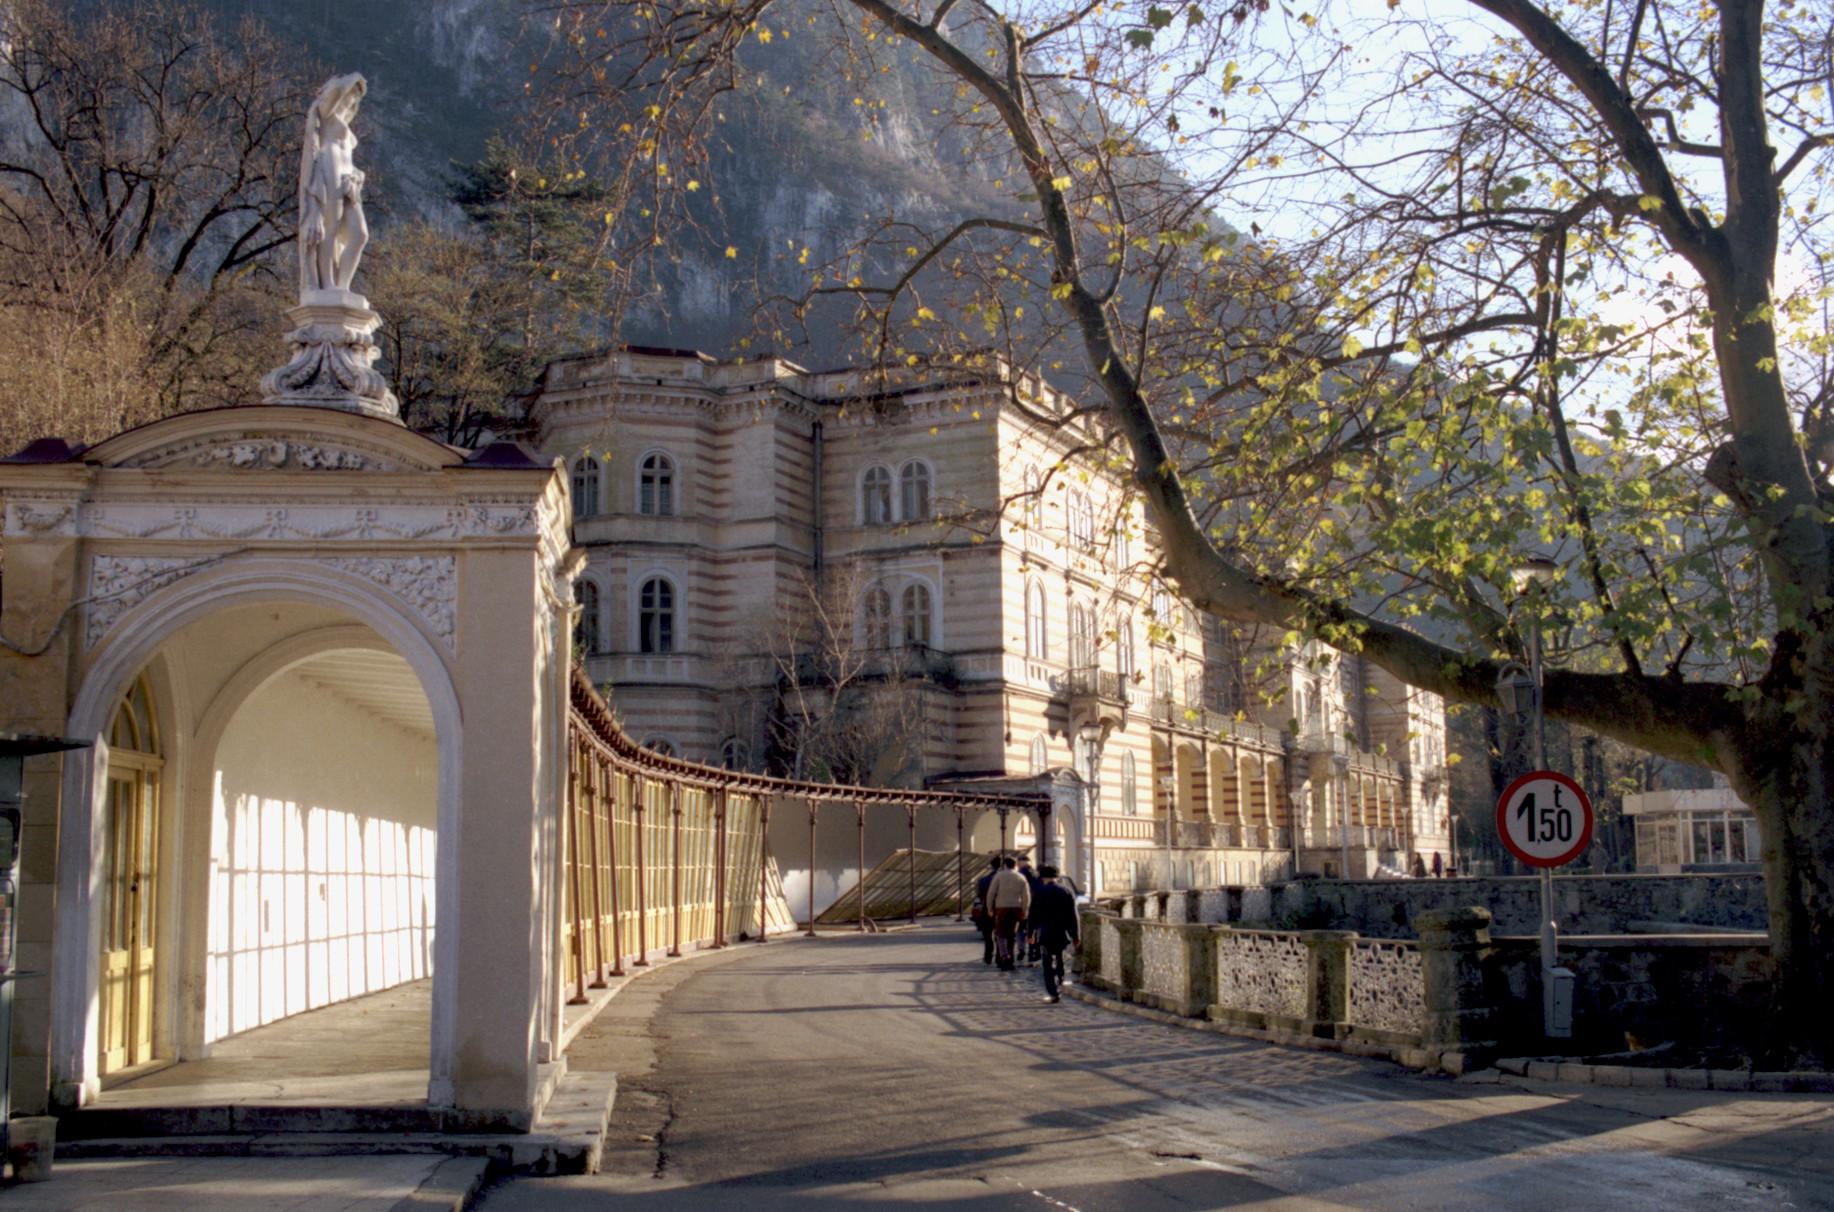 Monumentele istorice din Băile Herculane încep să se prăbuşească. Autorităţile ridică din umeri